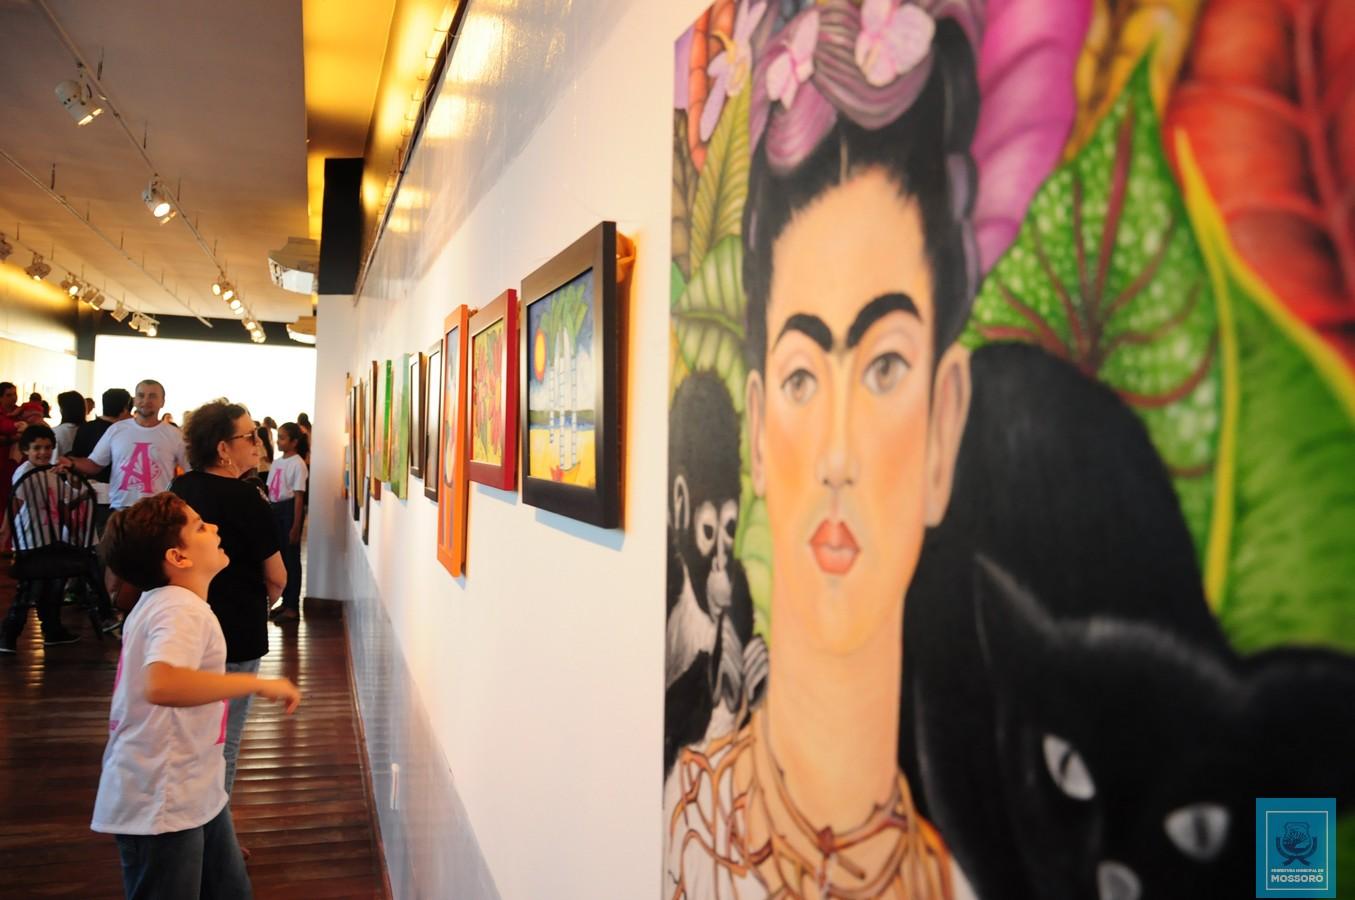 Alunos da Escola de Artes apresentam exposição no Memorial da Resistência